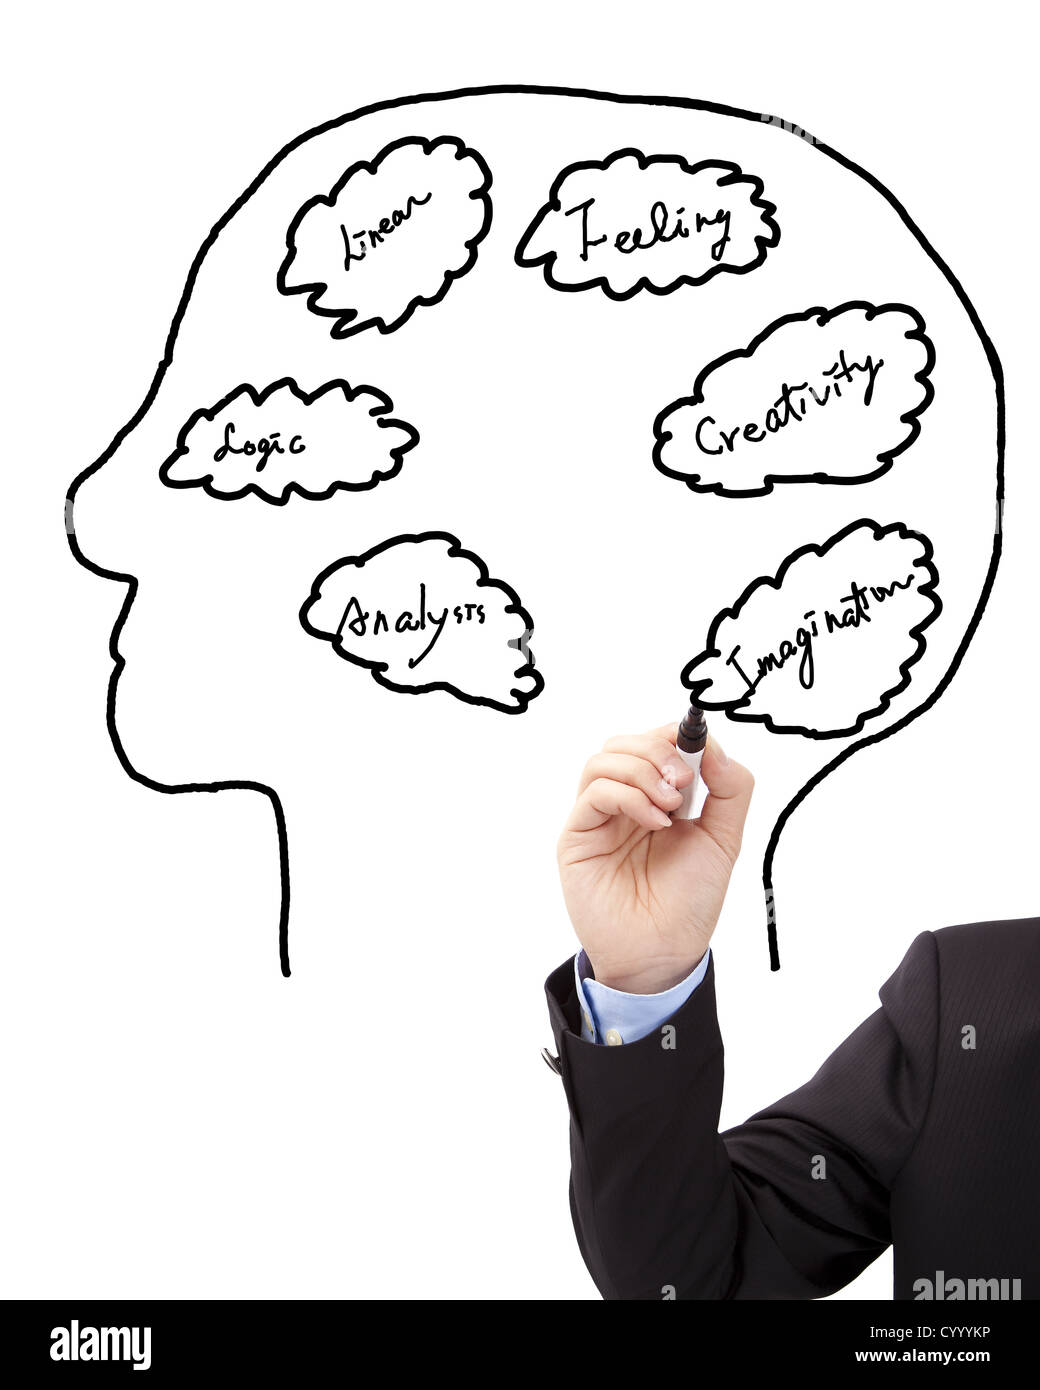 Ziemlich Gehirn Anatomie Diagramm Etikett Bilder - Menschliche ...